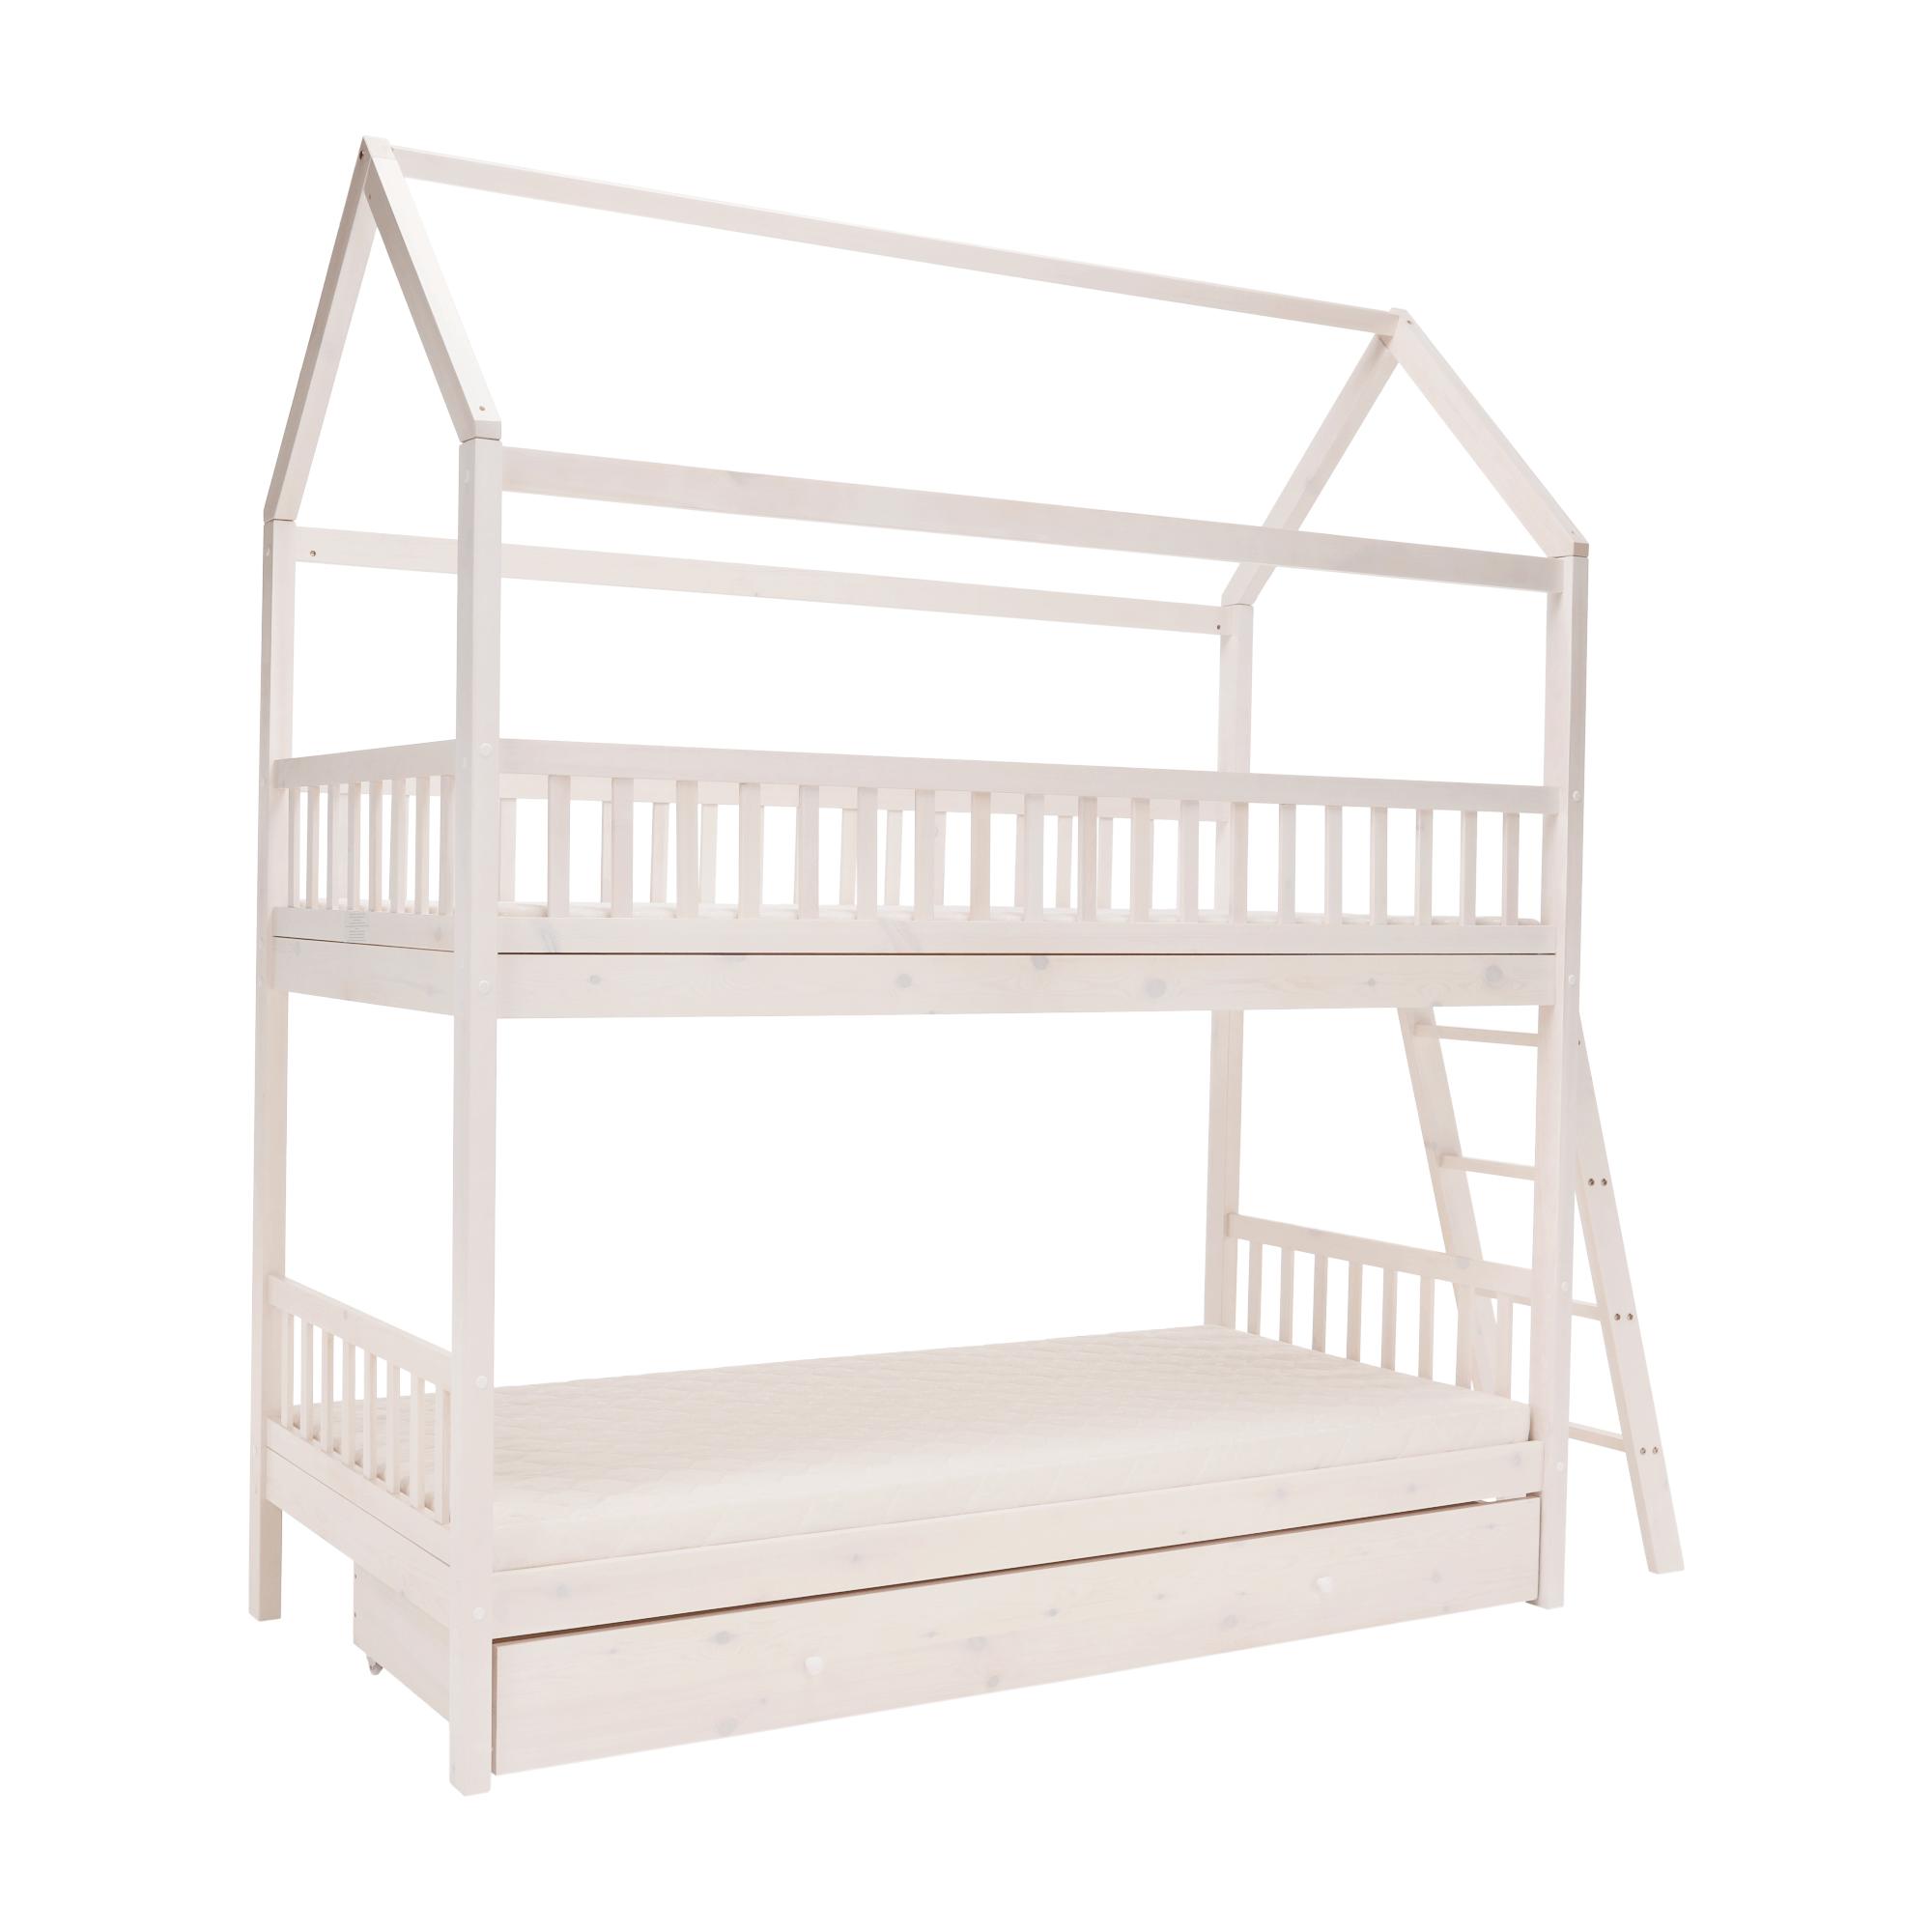 Poschodová posteľ, svetlá borovica, 90x200, EVALIA, rozbalený tovar